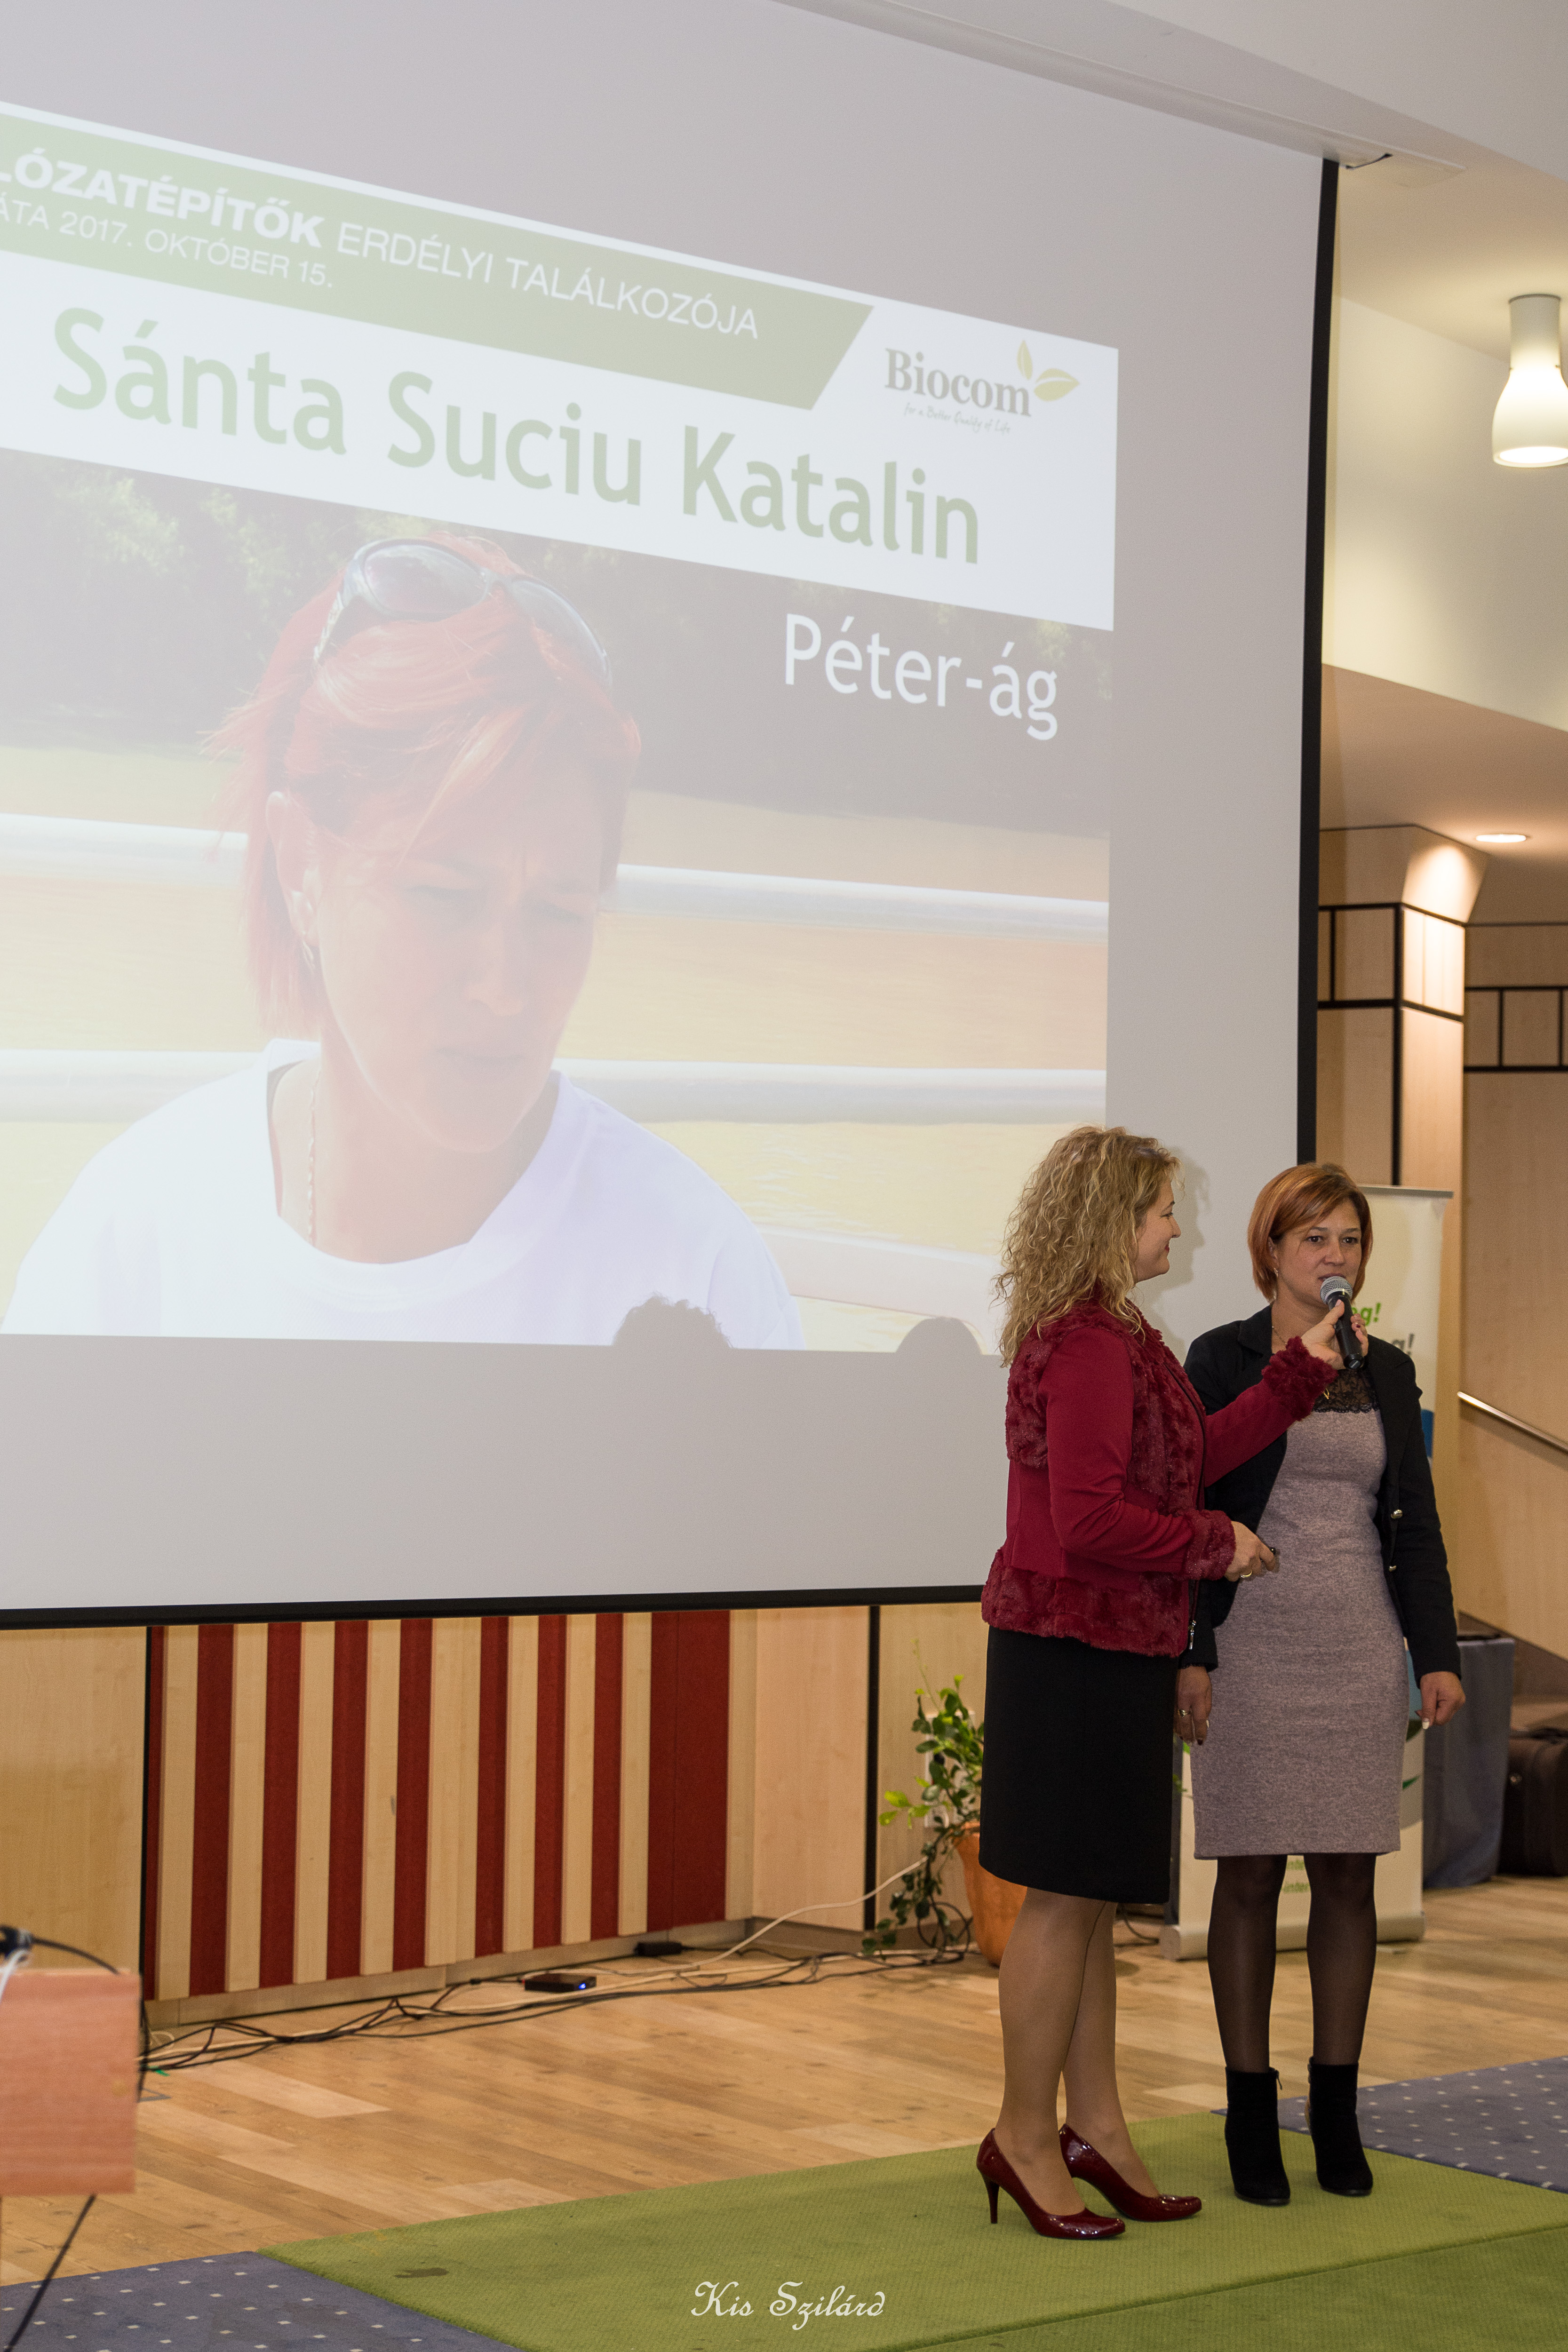 """Vass Szombatfalvi Zsuzsa előadása nagy részében mások elé tartotta mikrofonját. Volt oka rá: a Vass-ág adta a legtöbb nyári, """"hajózós"""" versenygyőztest az egész Biocomban! Itt éppen Sántha Suciu Katalin """"nyilatkozik"""" neki és a közönségnek."""